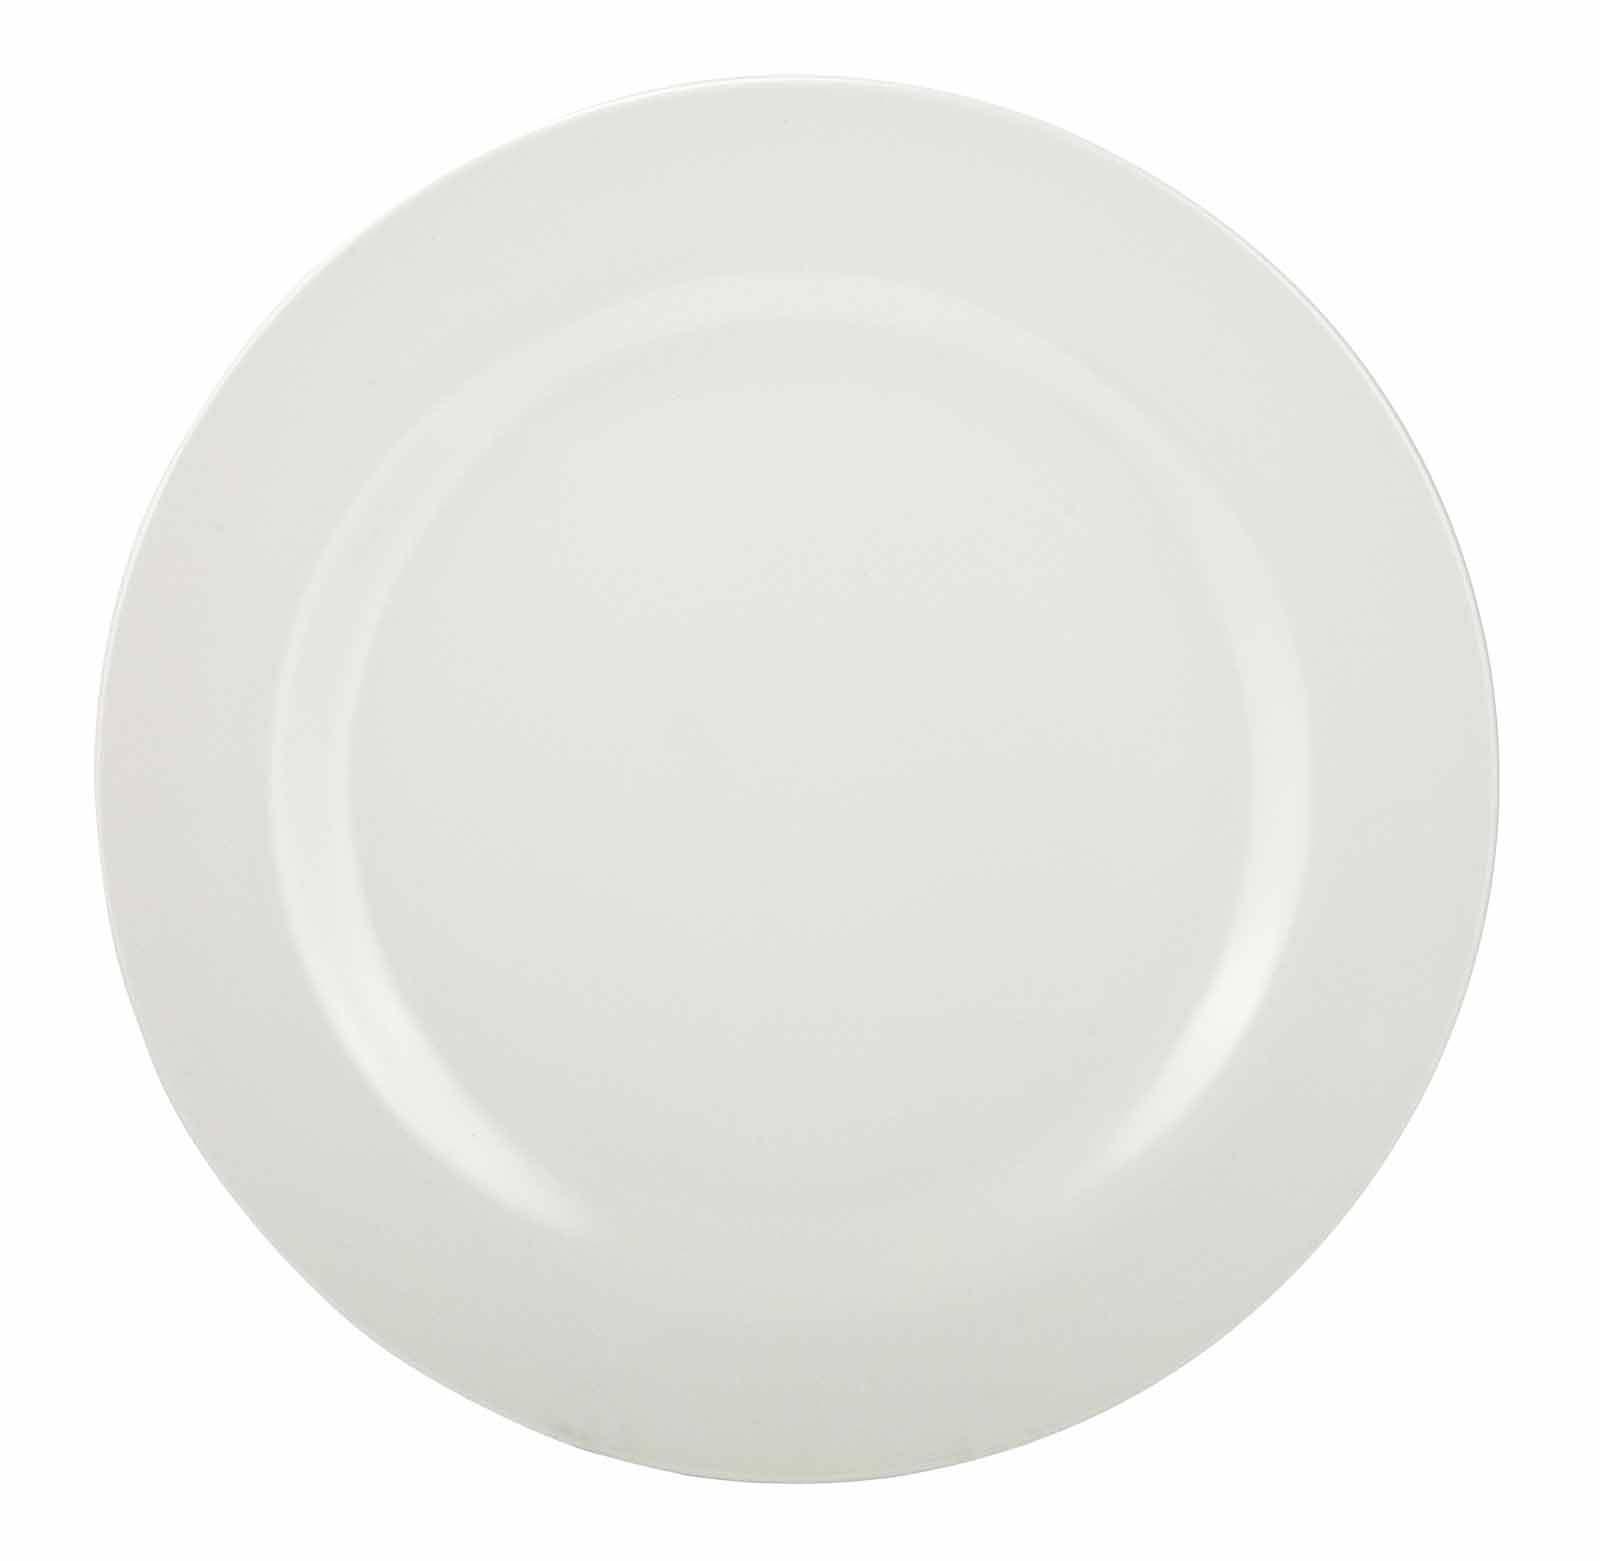 10.5 inch Round Dinner Plate